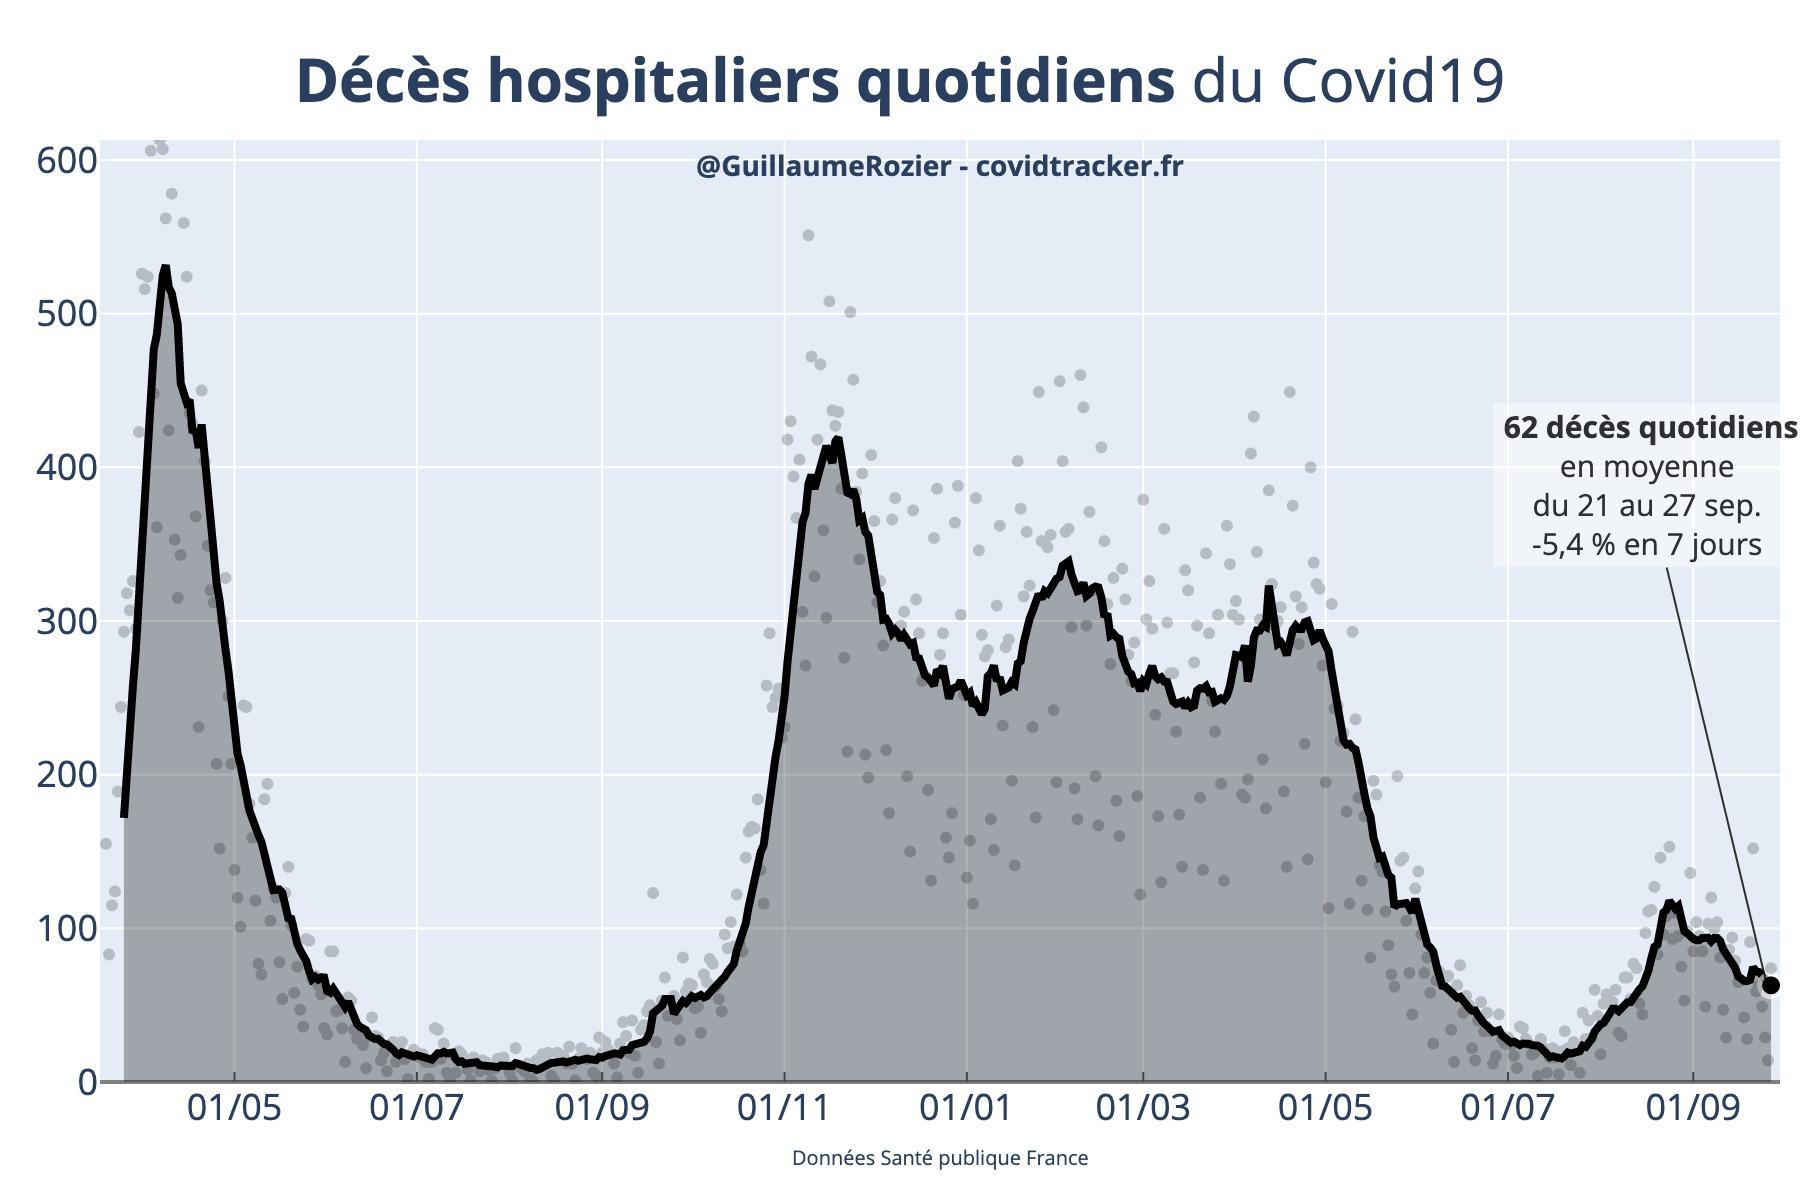 Décès hospitaliers quotidiens de la COVID-19